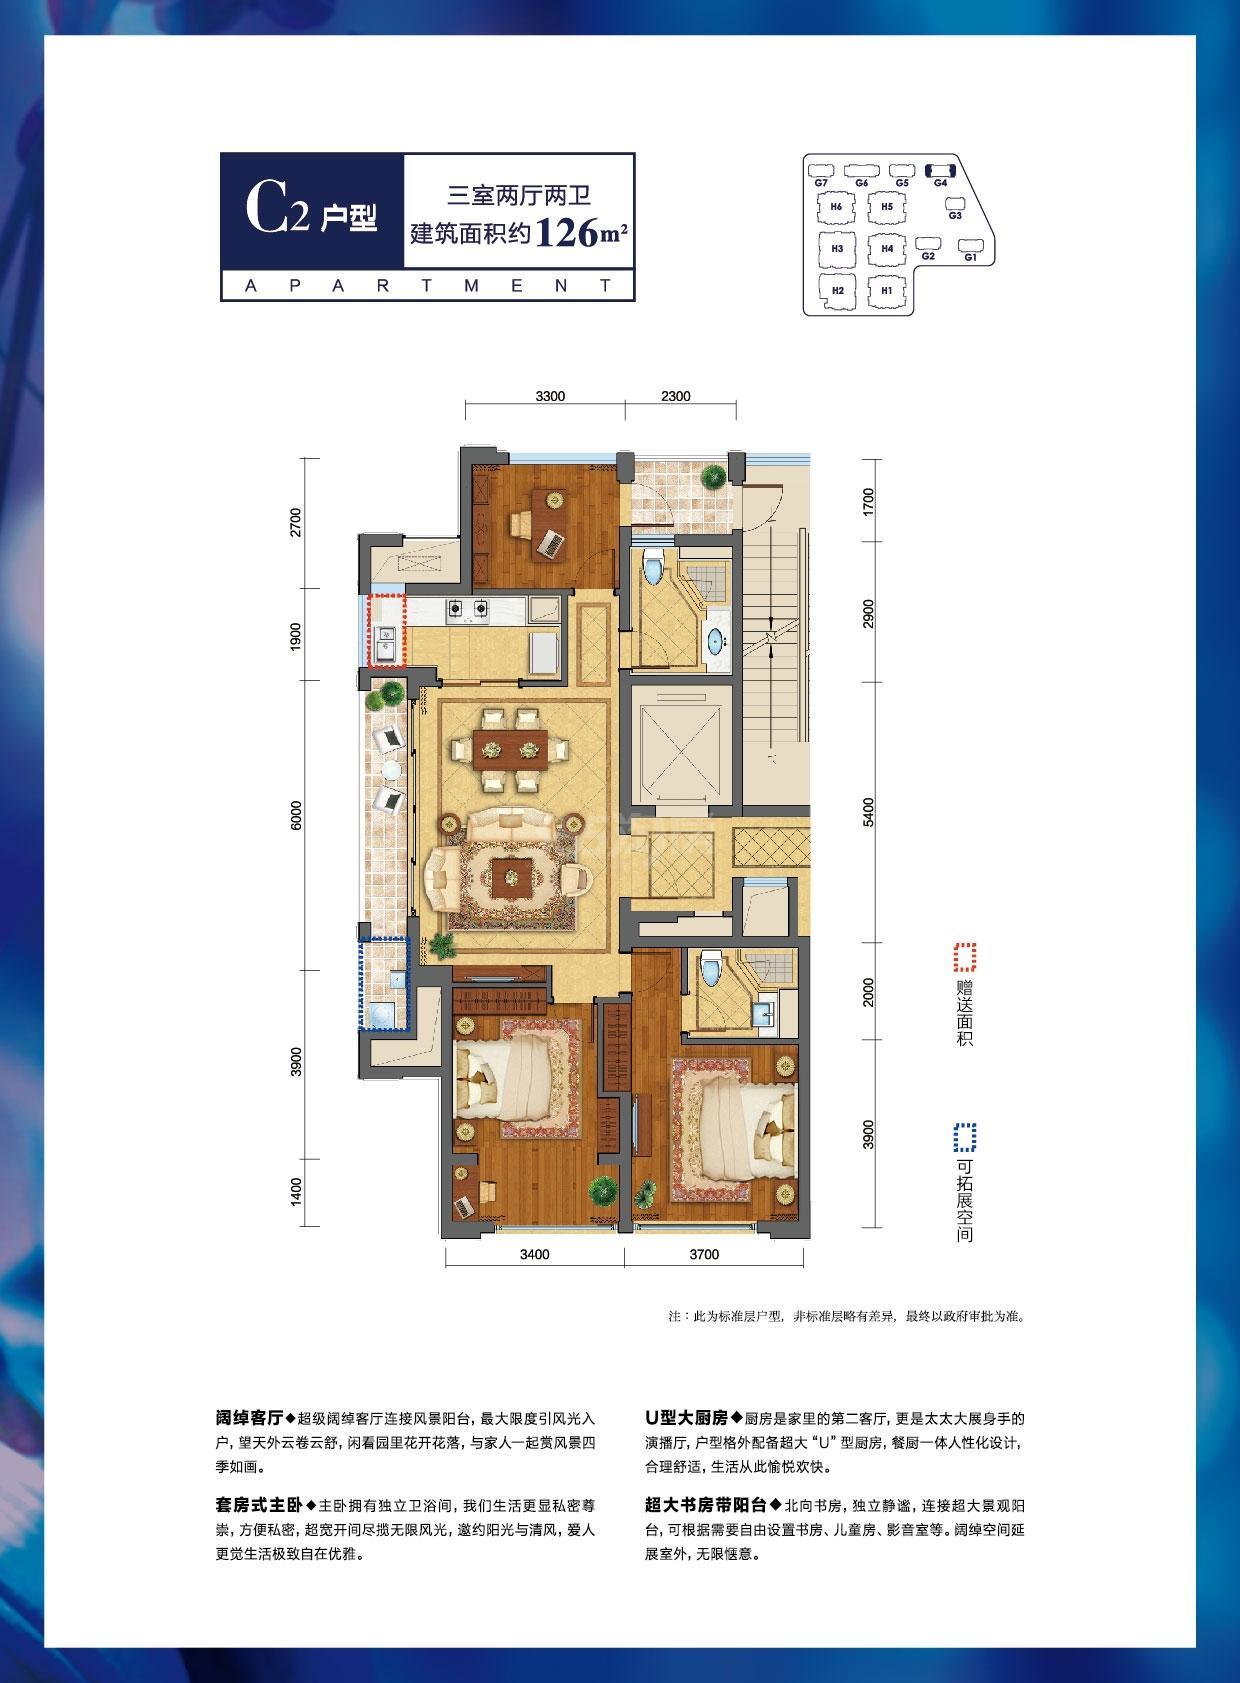 绿城莲园高层4号楼c2户型126方三室两厅两卫